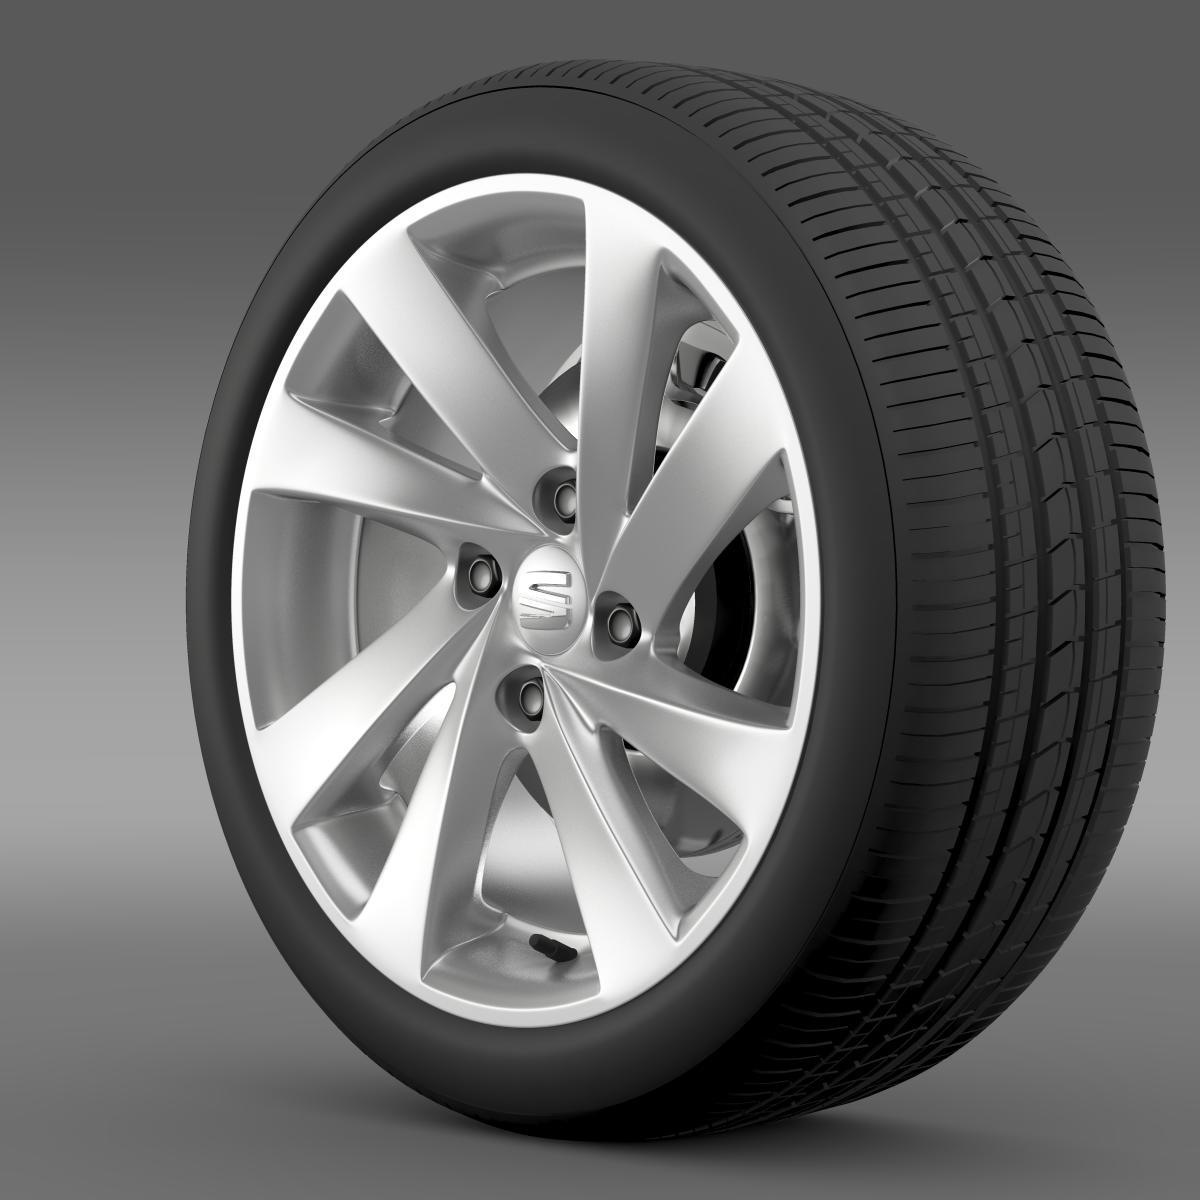 seat mii wheel 3d model 3ds max fbx c4d lwo ma mb hrc xsi obj 210856